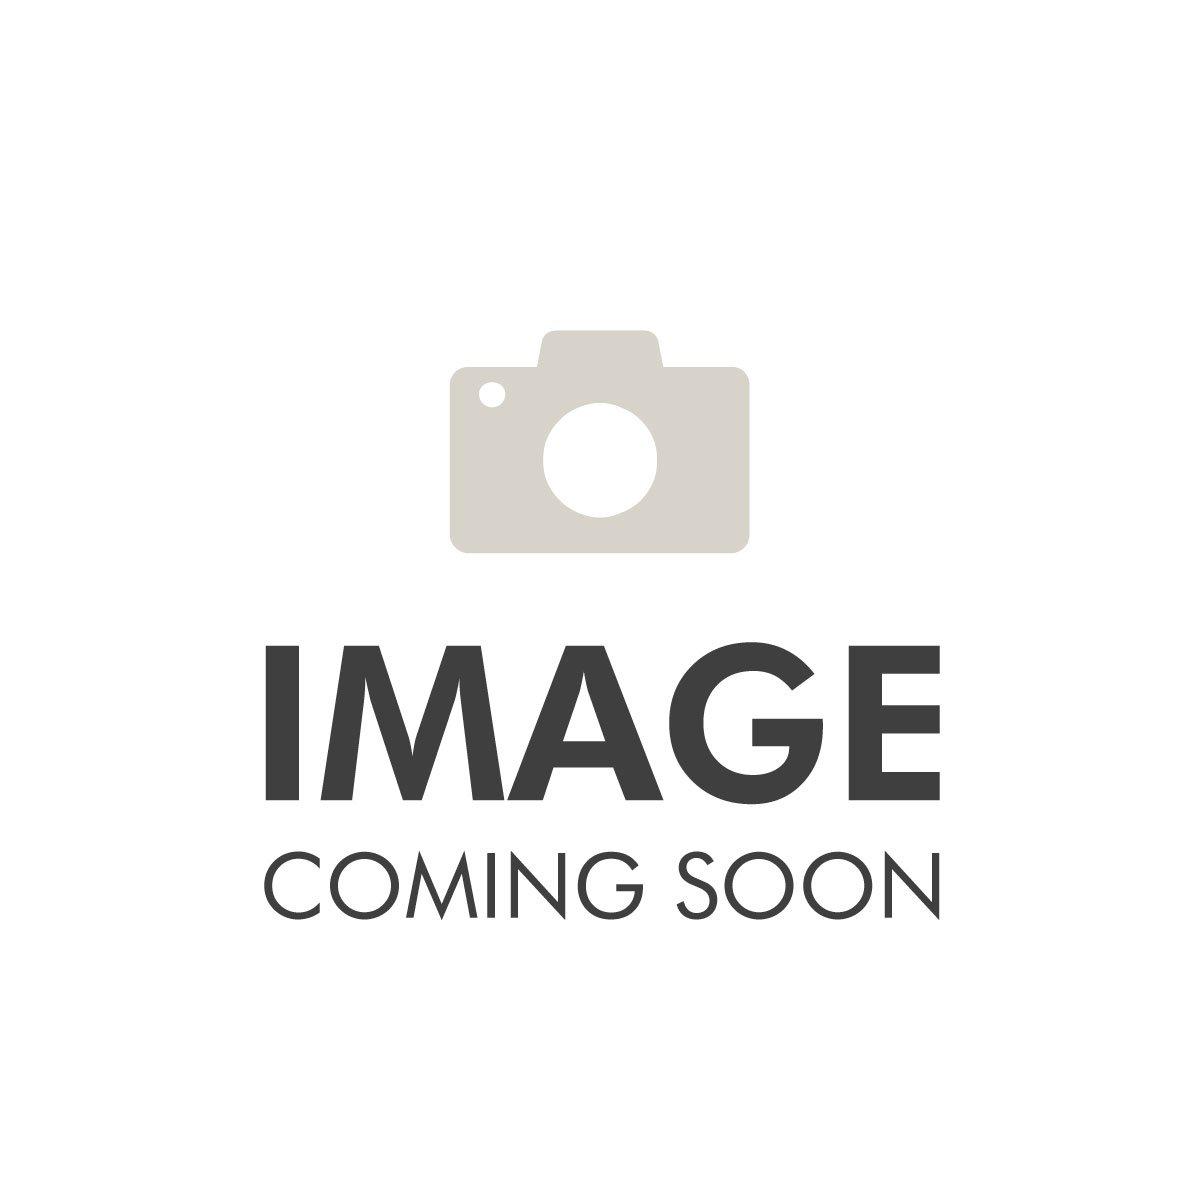 Absolute - Veste métallique de fleuret - Homme - Standard